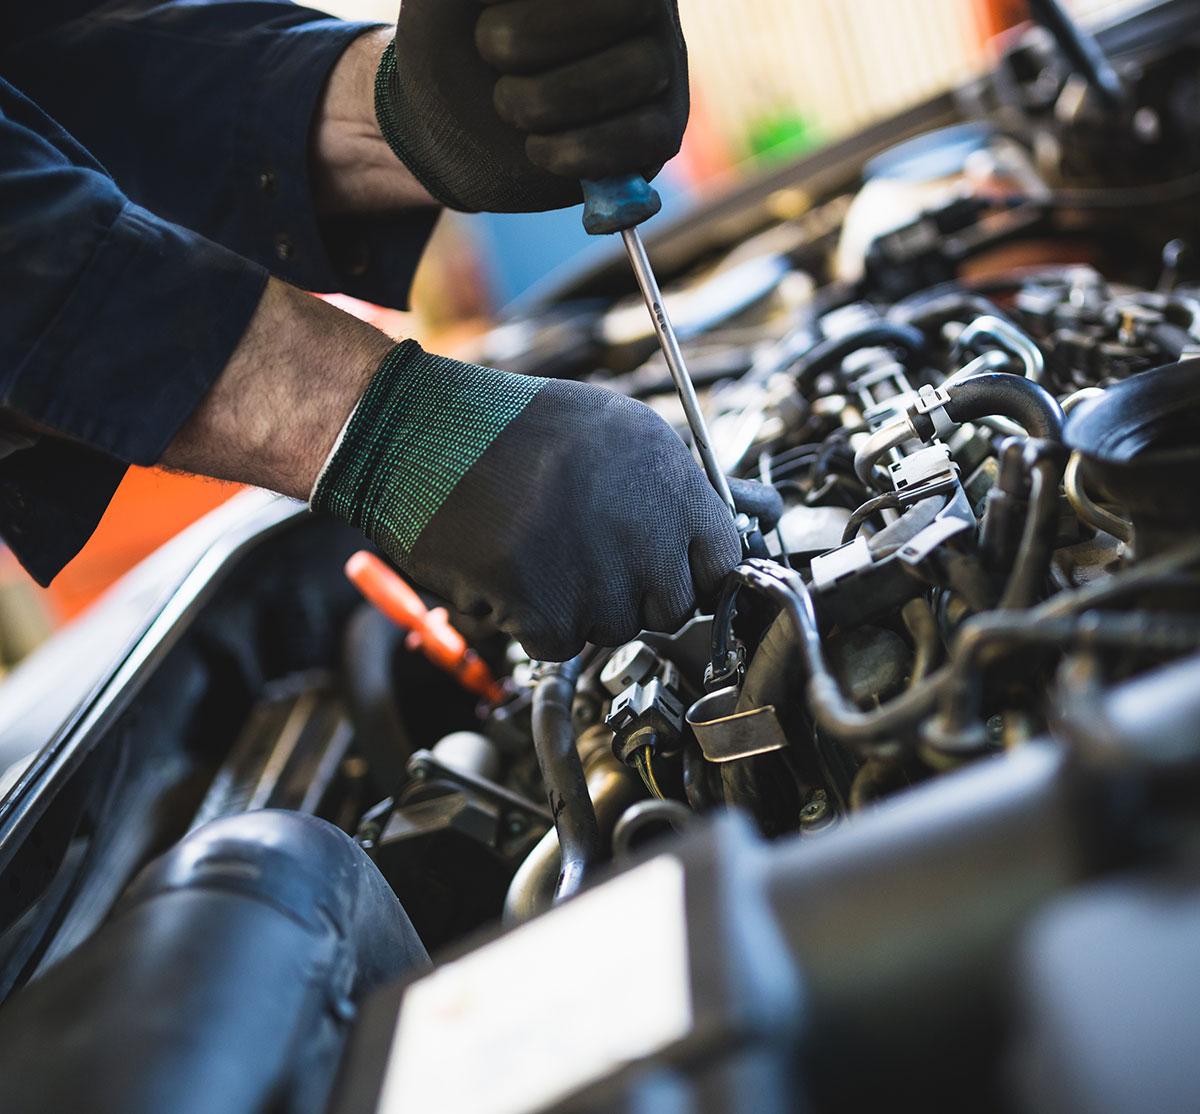 Truck Center Süd: Reparatur, Wartung und Service diverser Maschinen